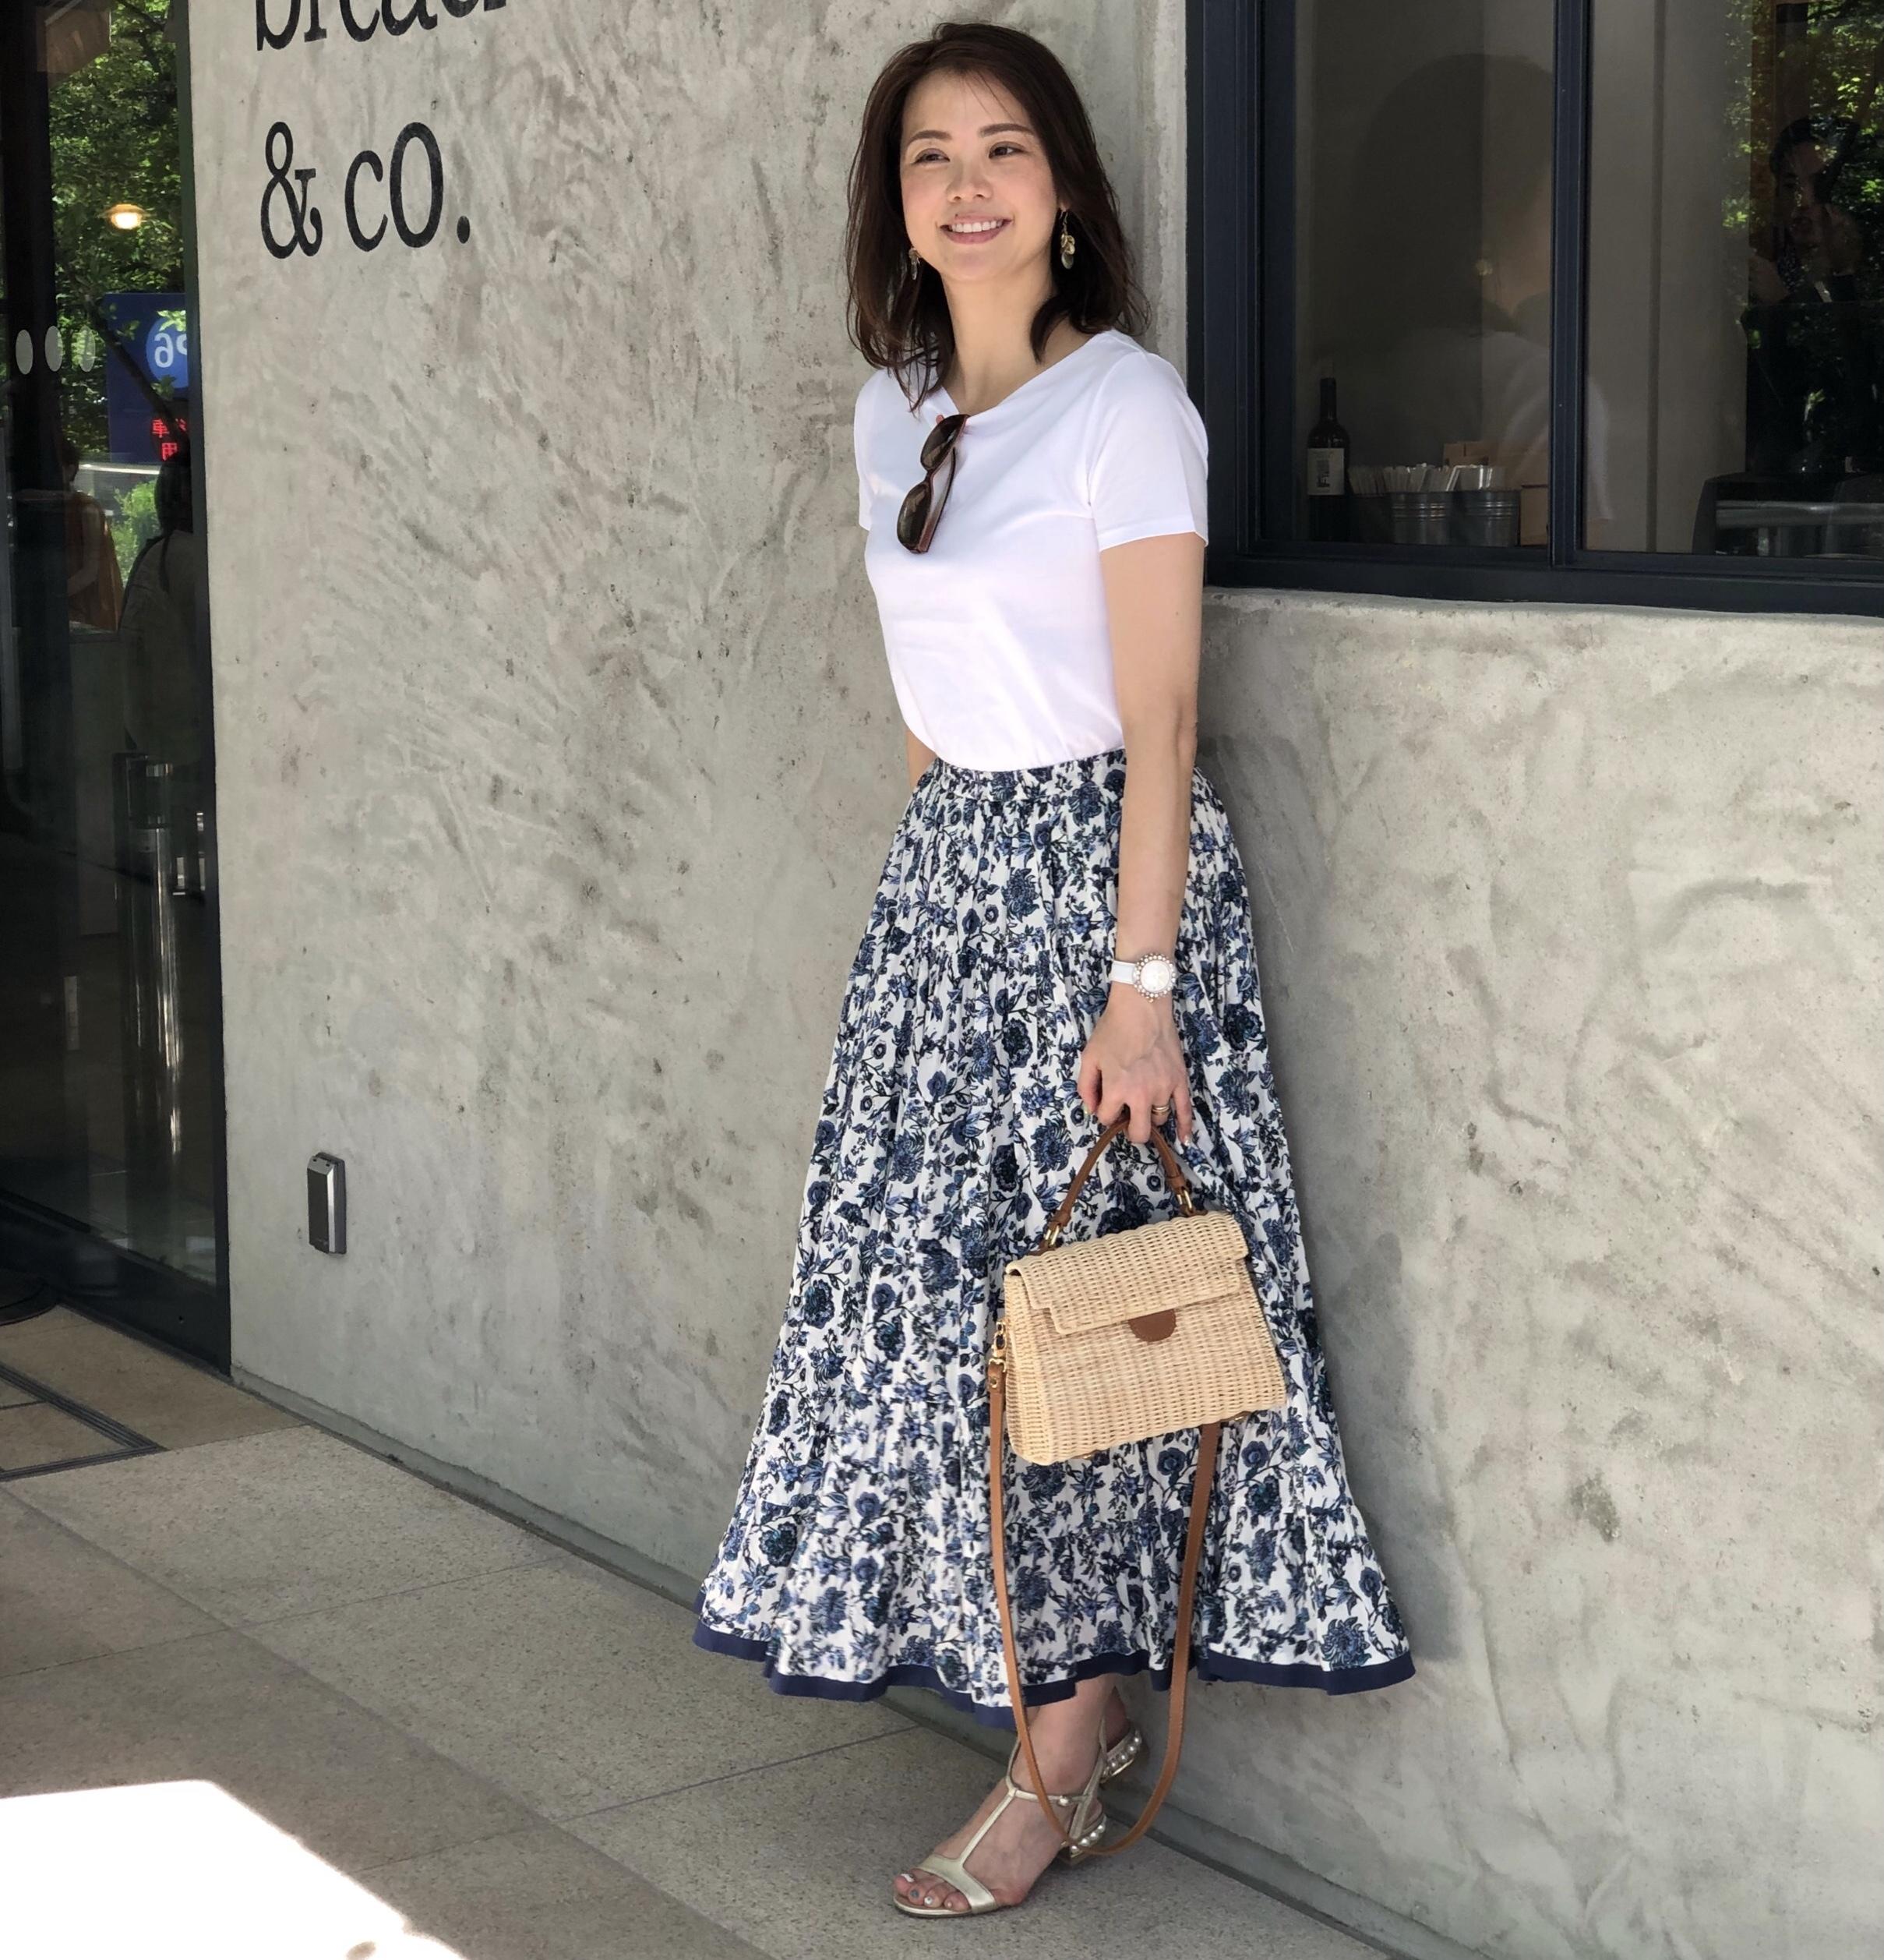 この夏、わたしの定番休日スタイルはマキシ丈スカート!_1_1-1